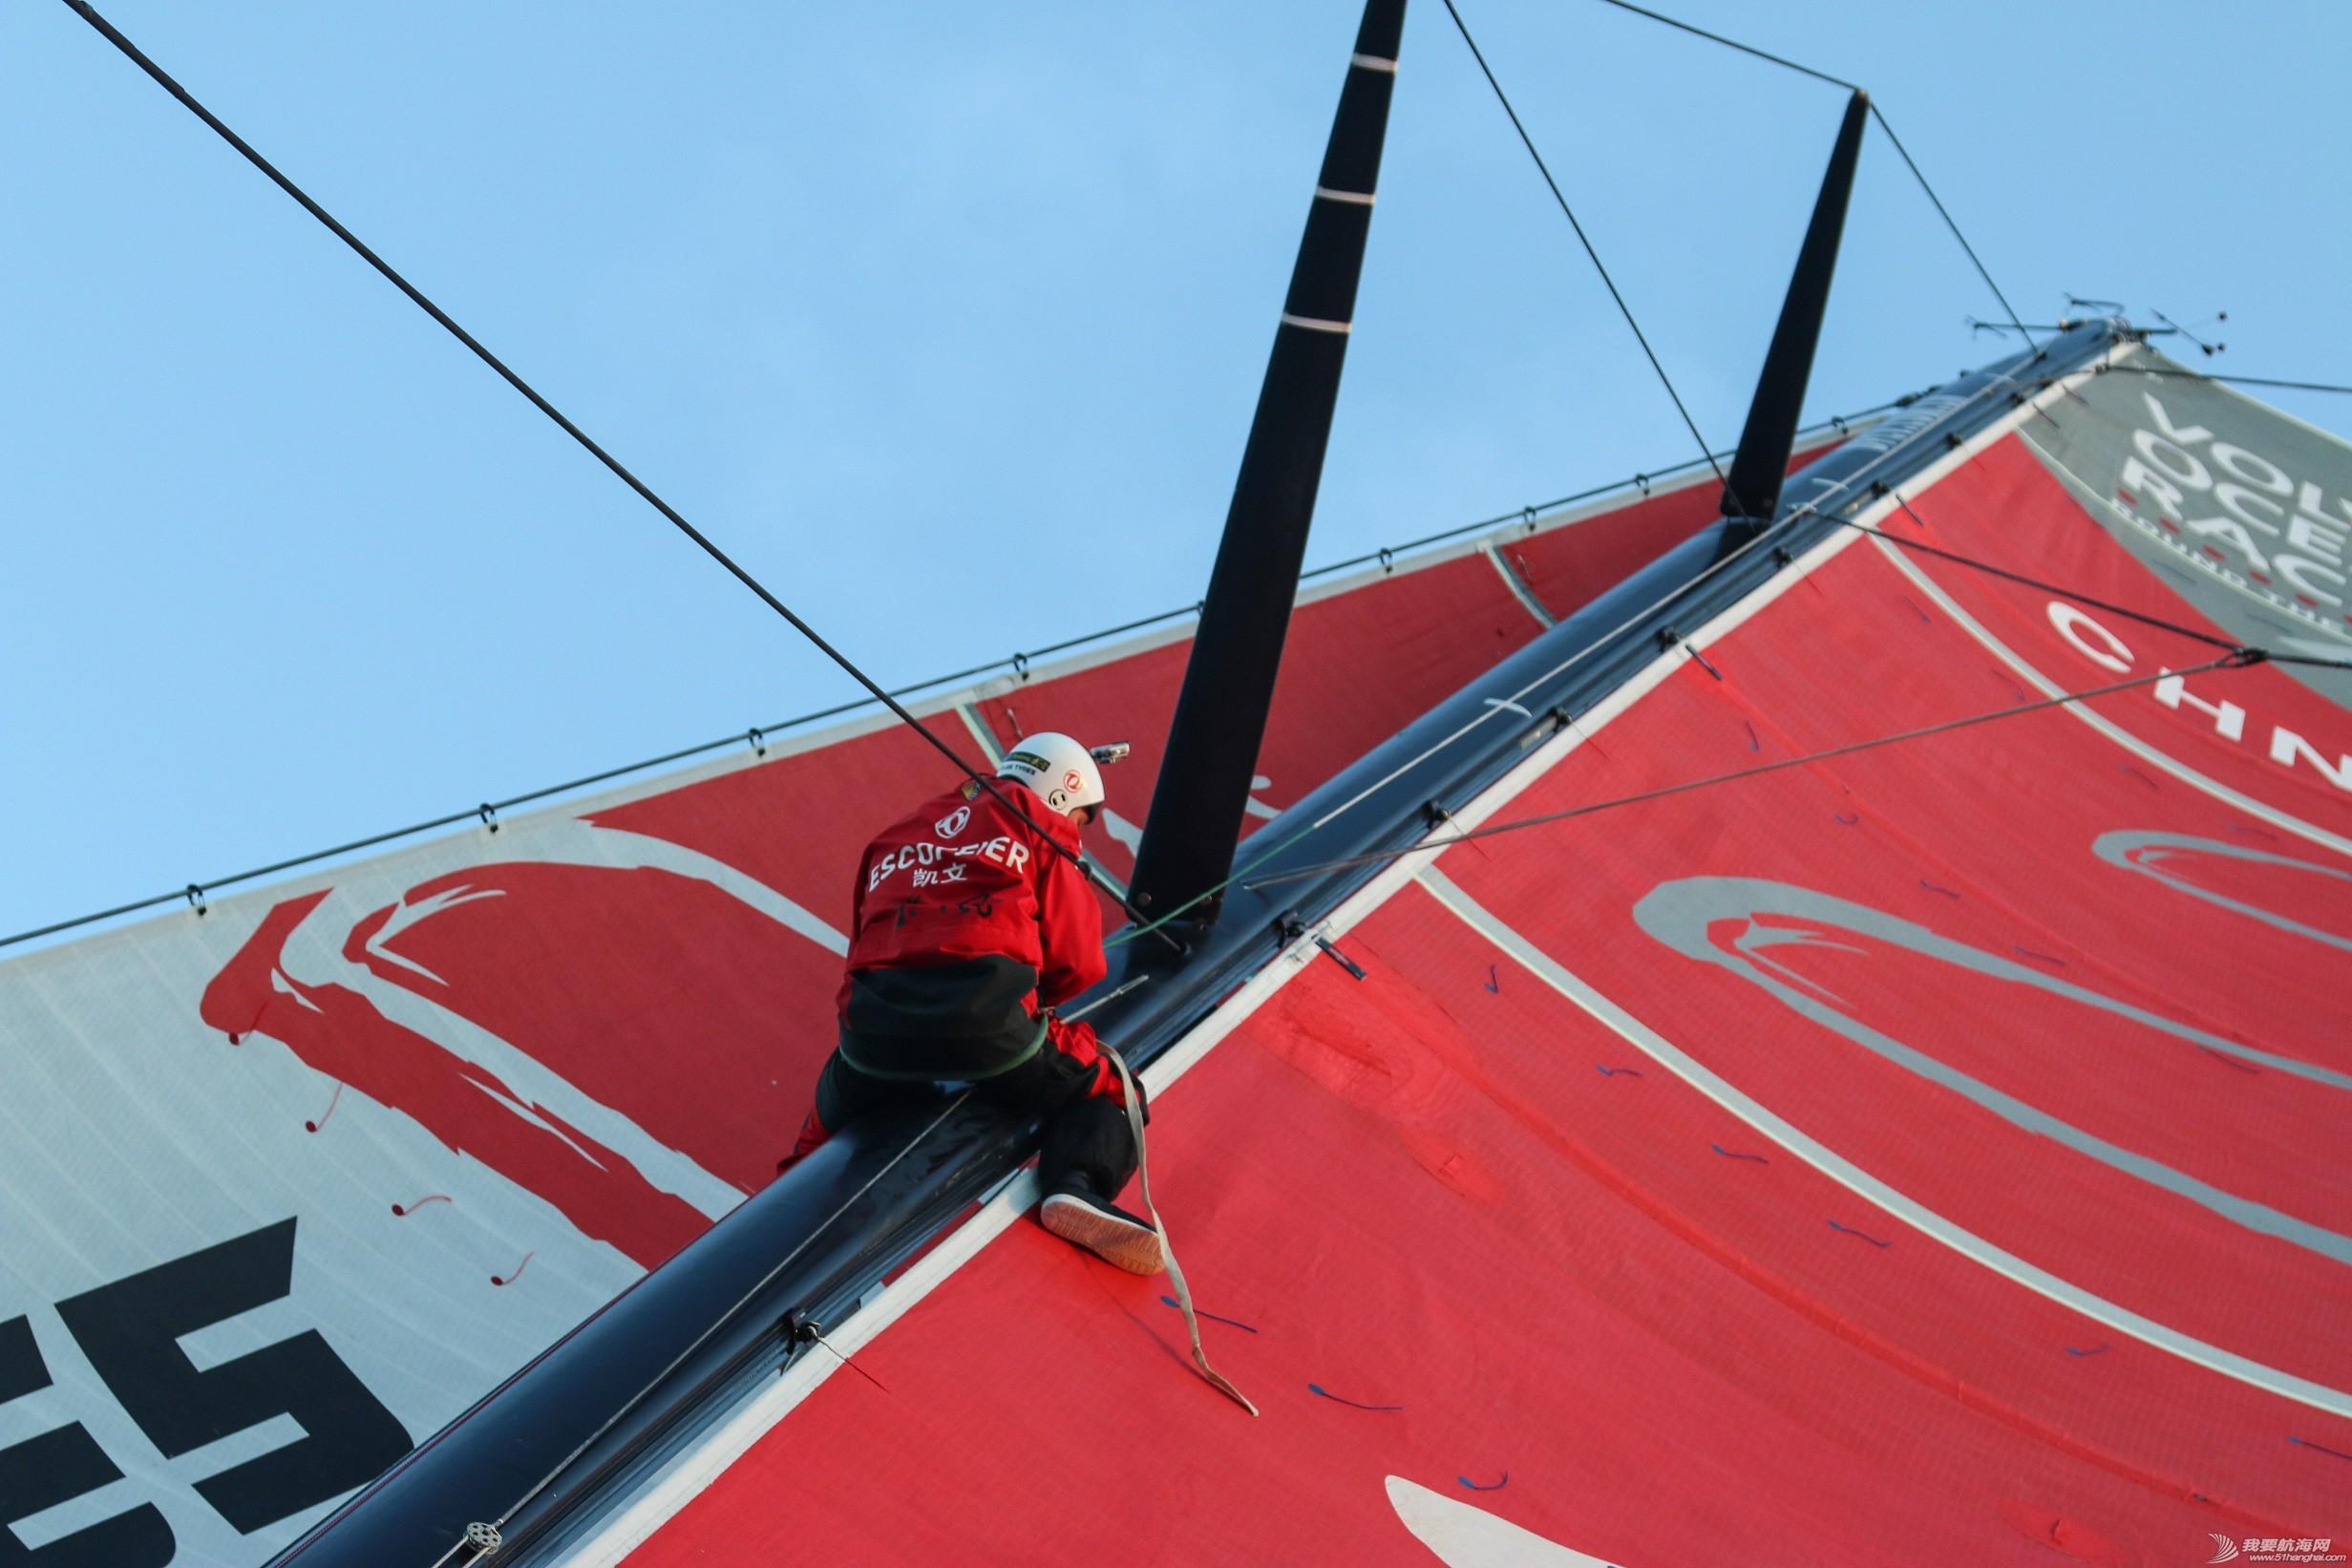 沃尔沃,极端天气,印度洋,帆船,修复 器械故障与极端天气 东风队直面双重压力